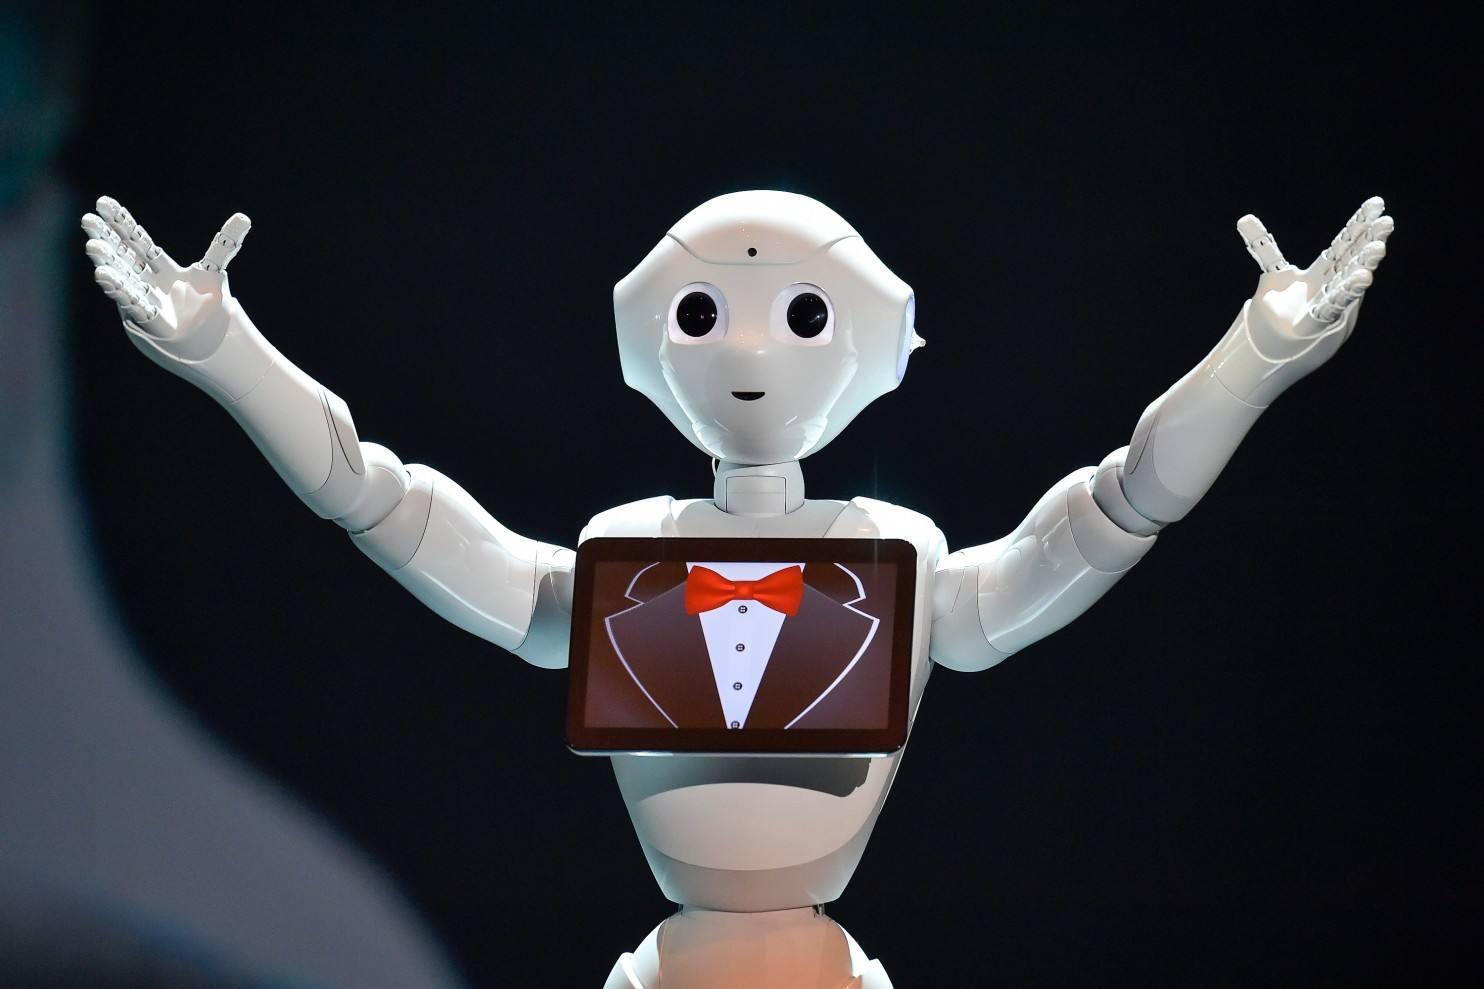 机器人会伤害你?科学家做实验并回答了七个问题